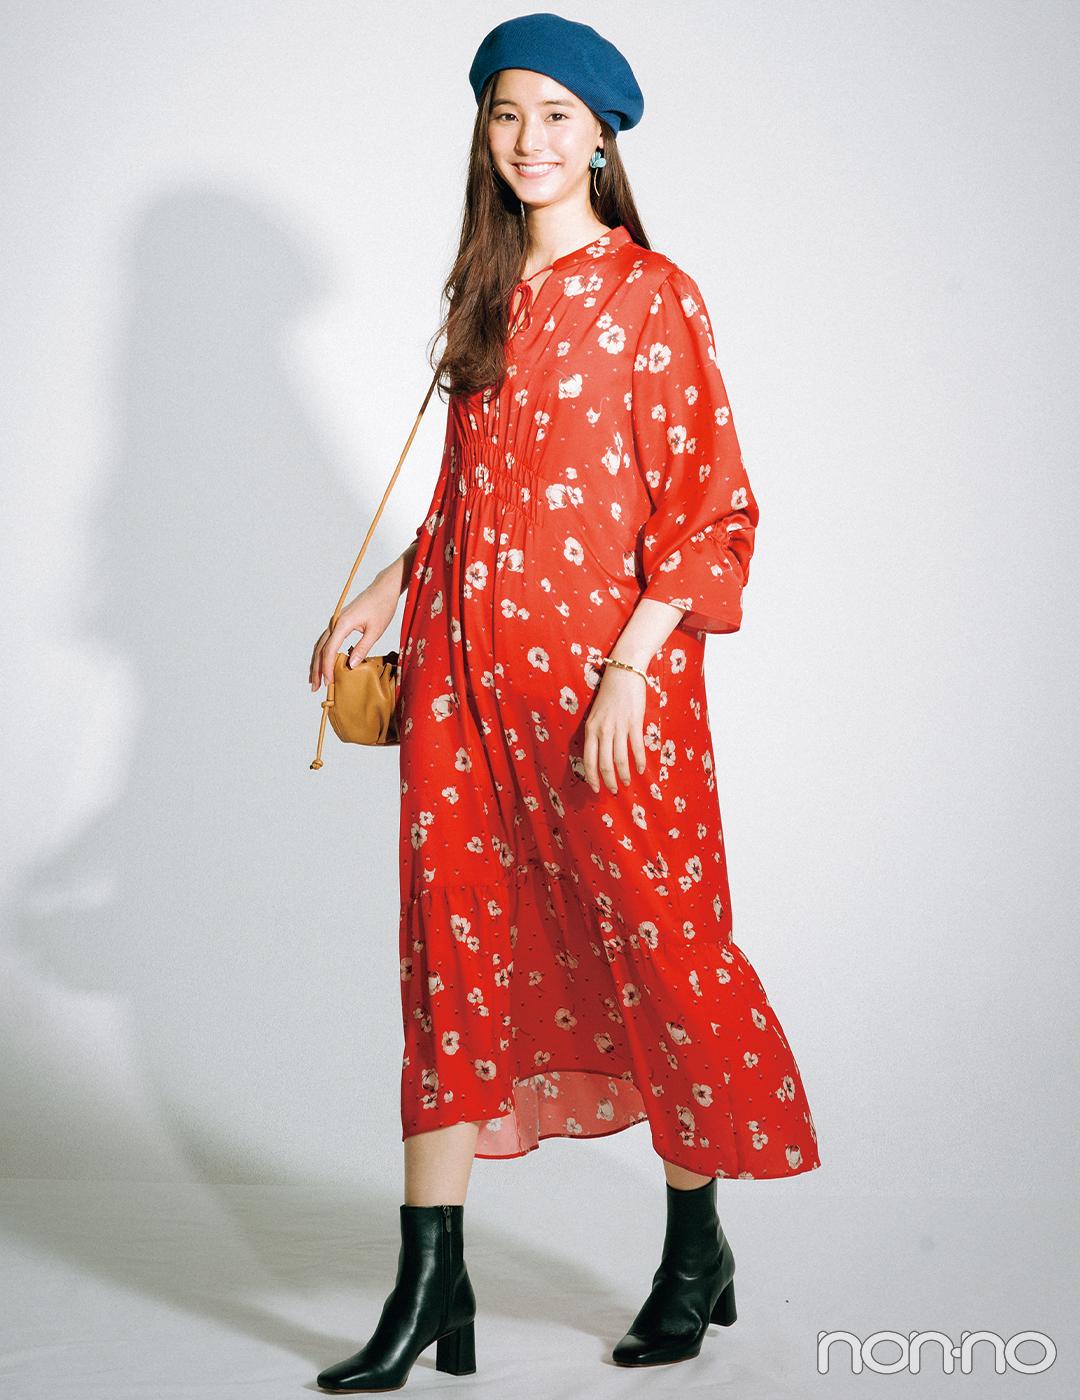 新木優子はヴィンテージ風の花柄ワンピで夏スタイルに差をつける!【毎日コーデ】